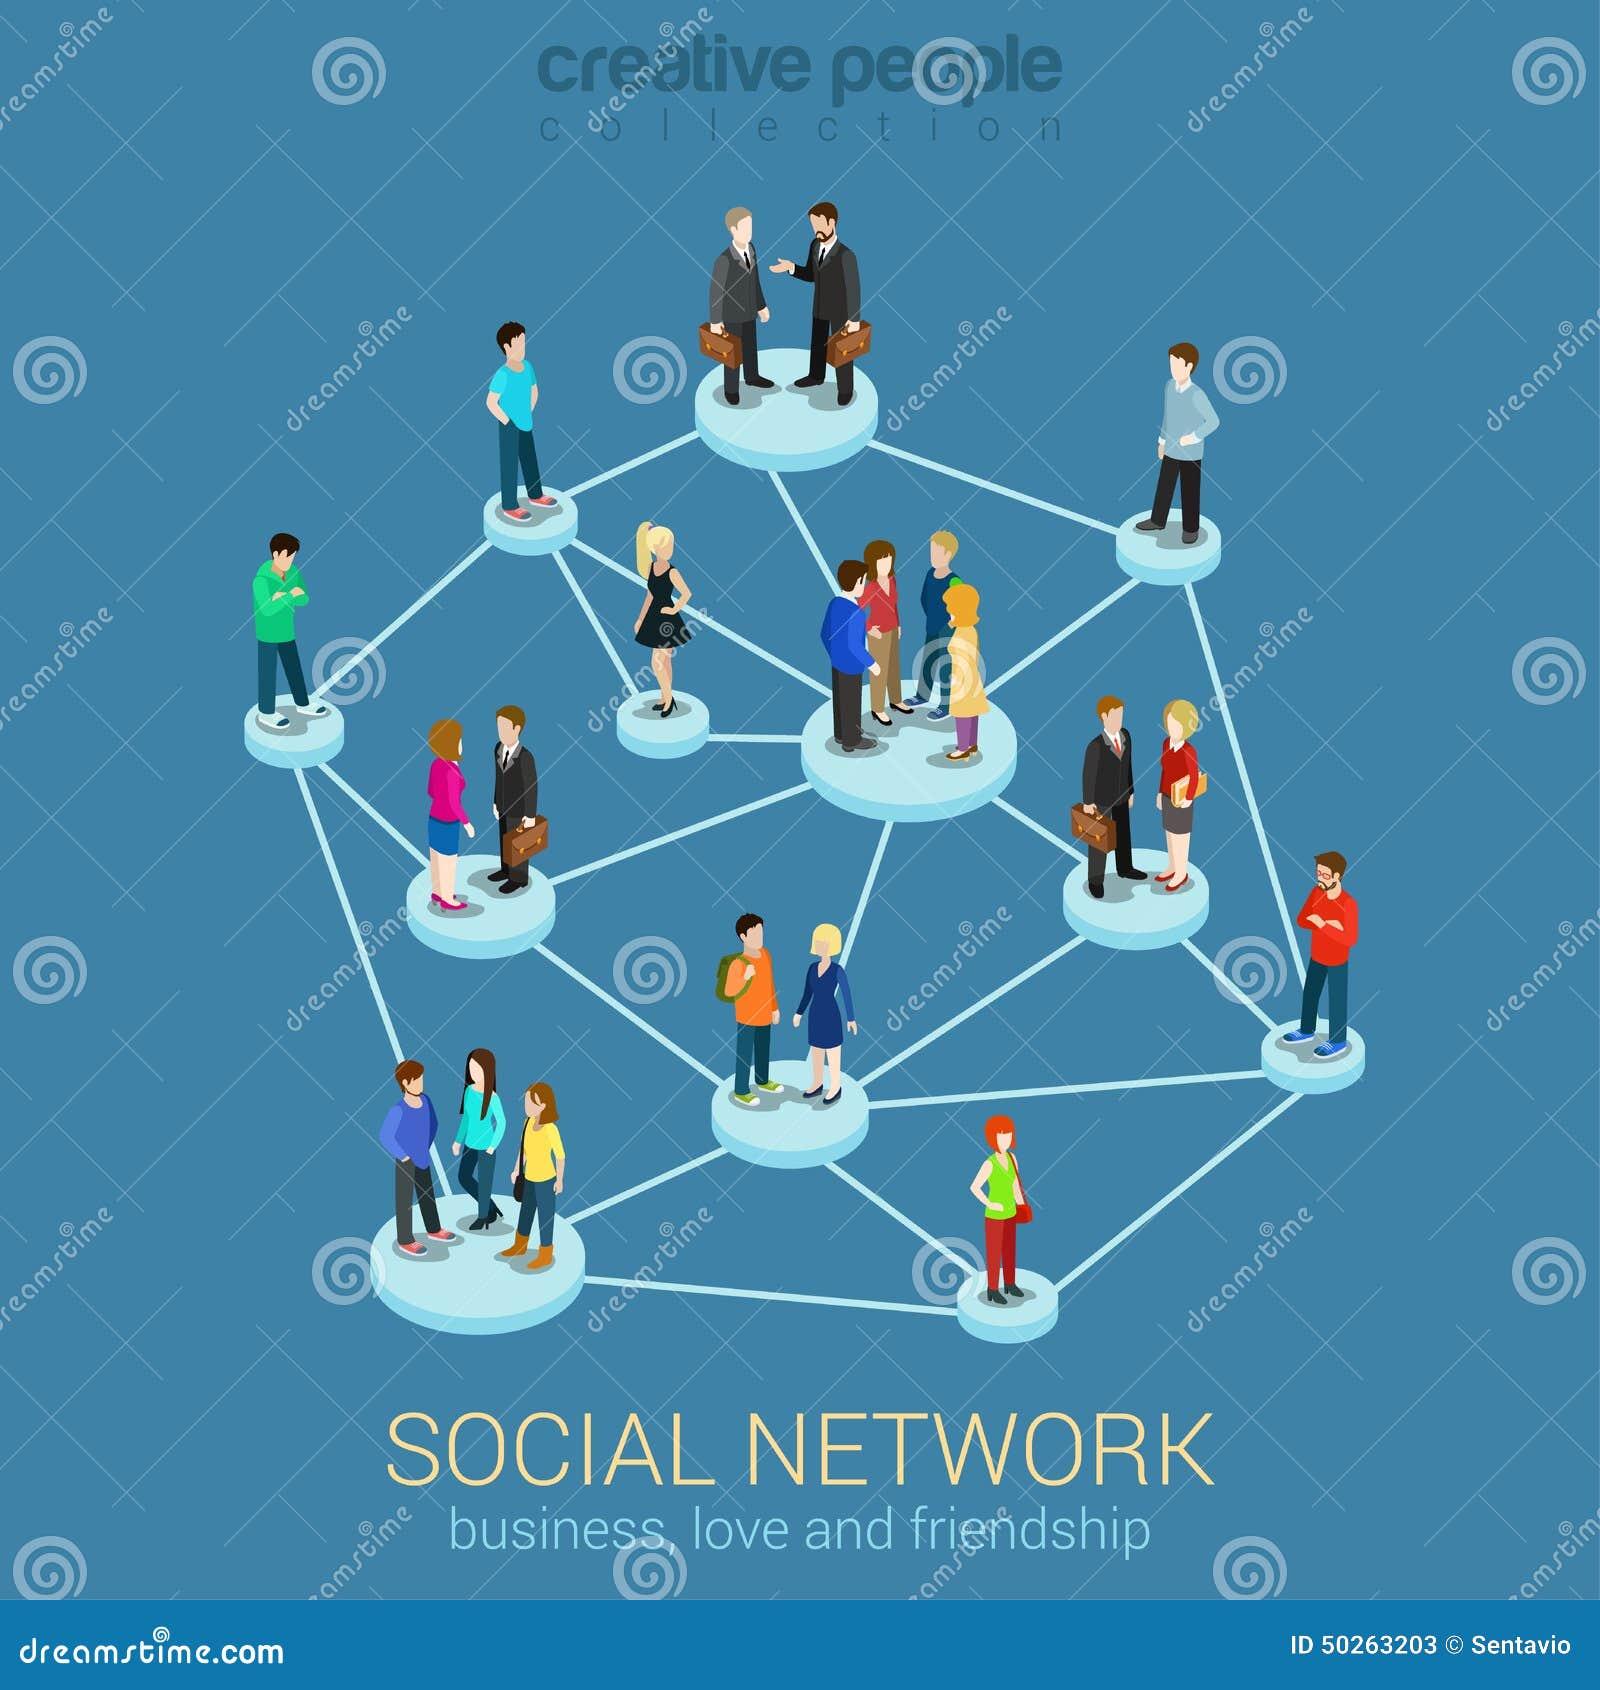 Social network media communication information sharing flat 3d